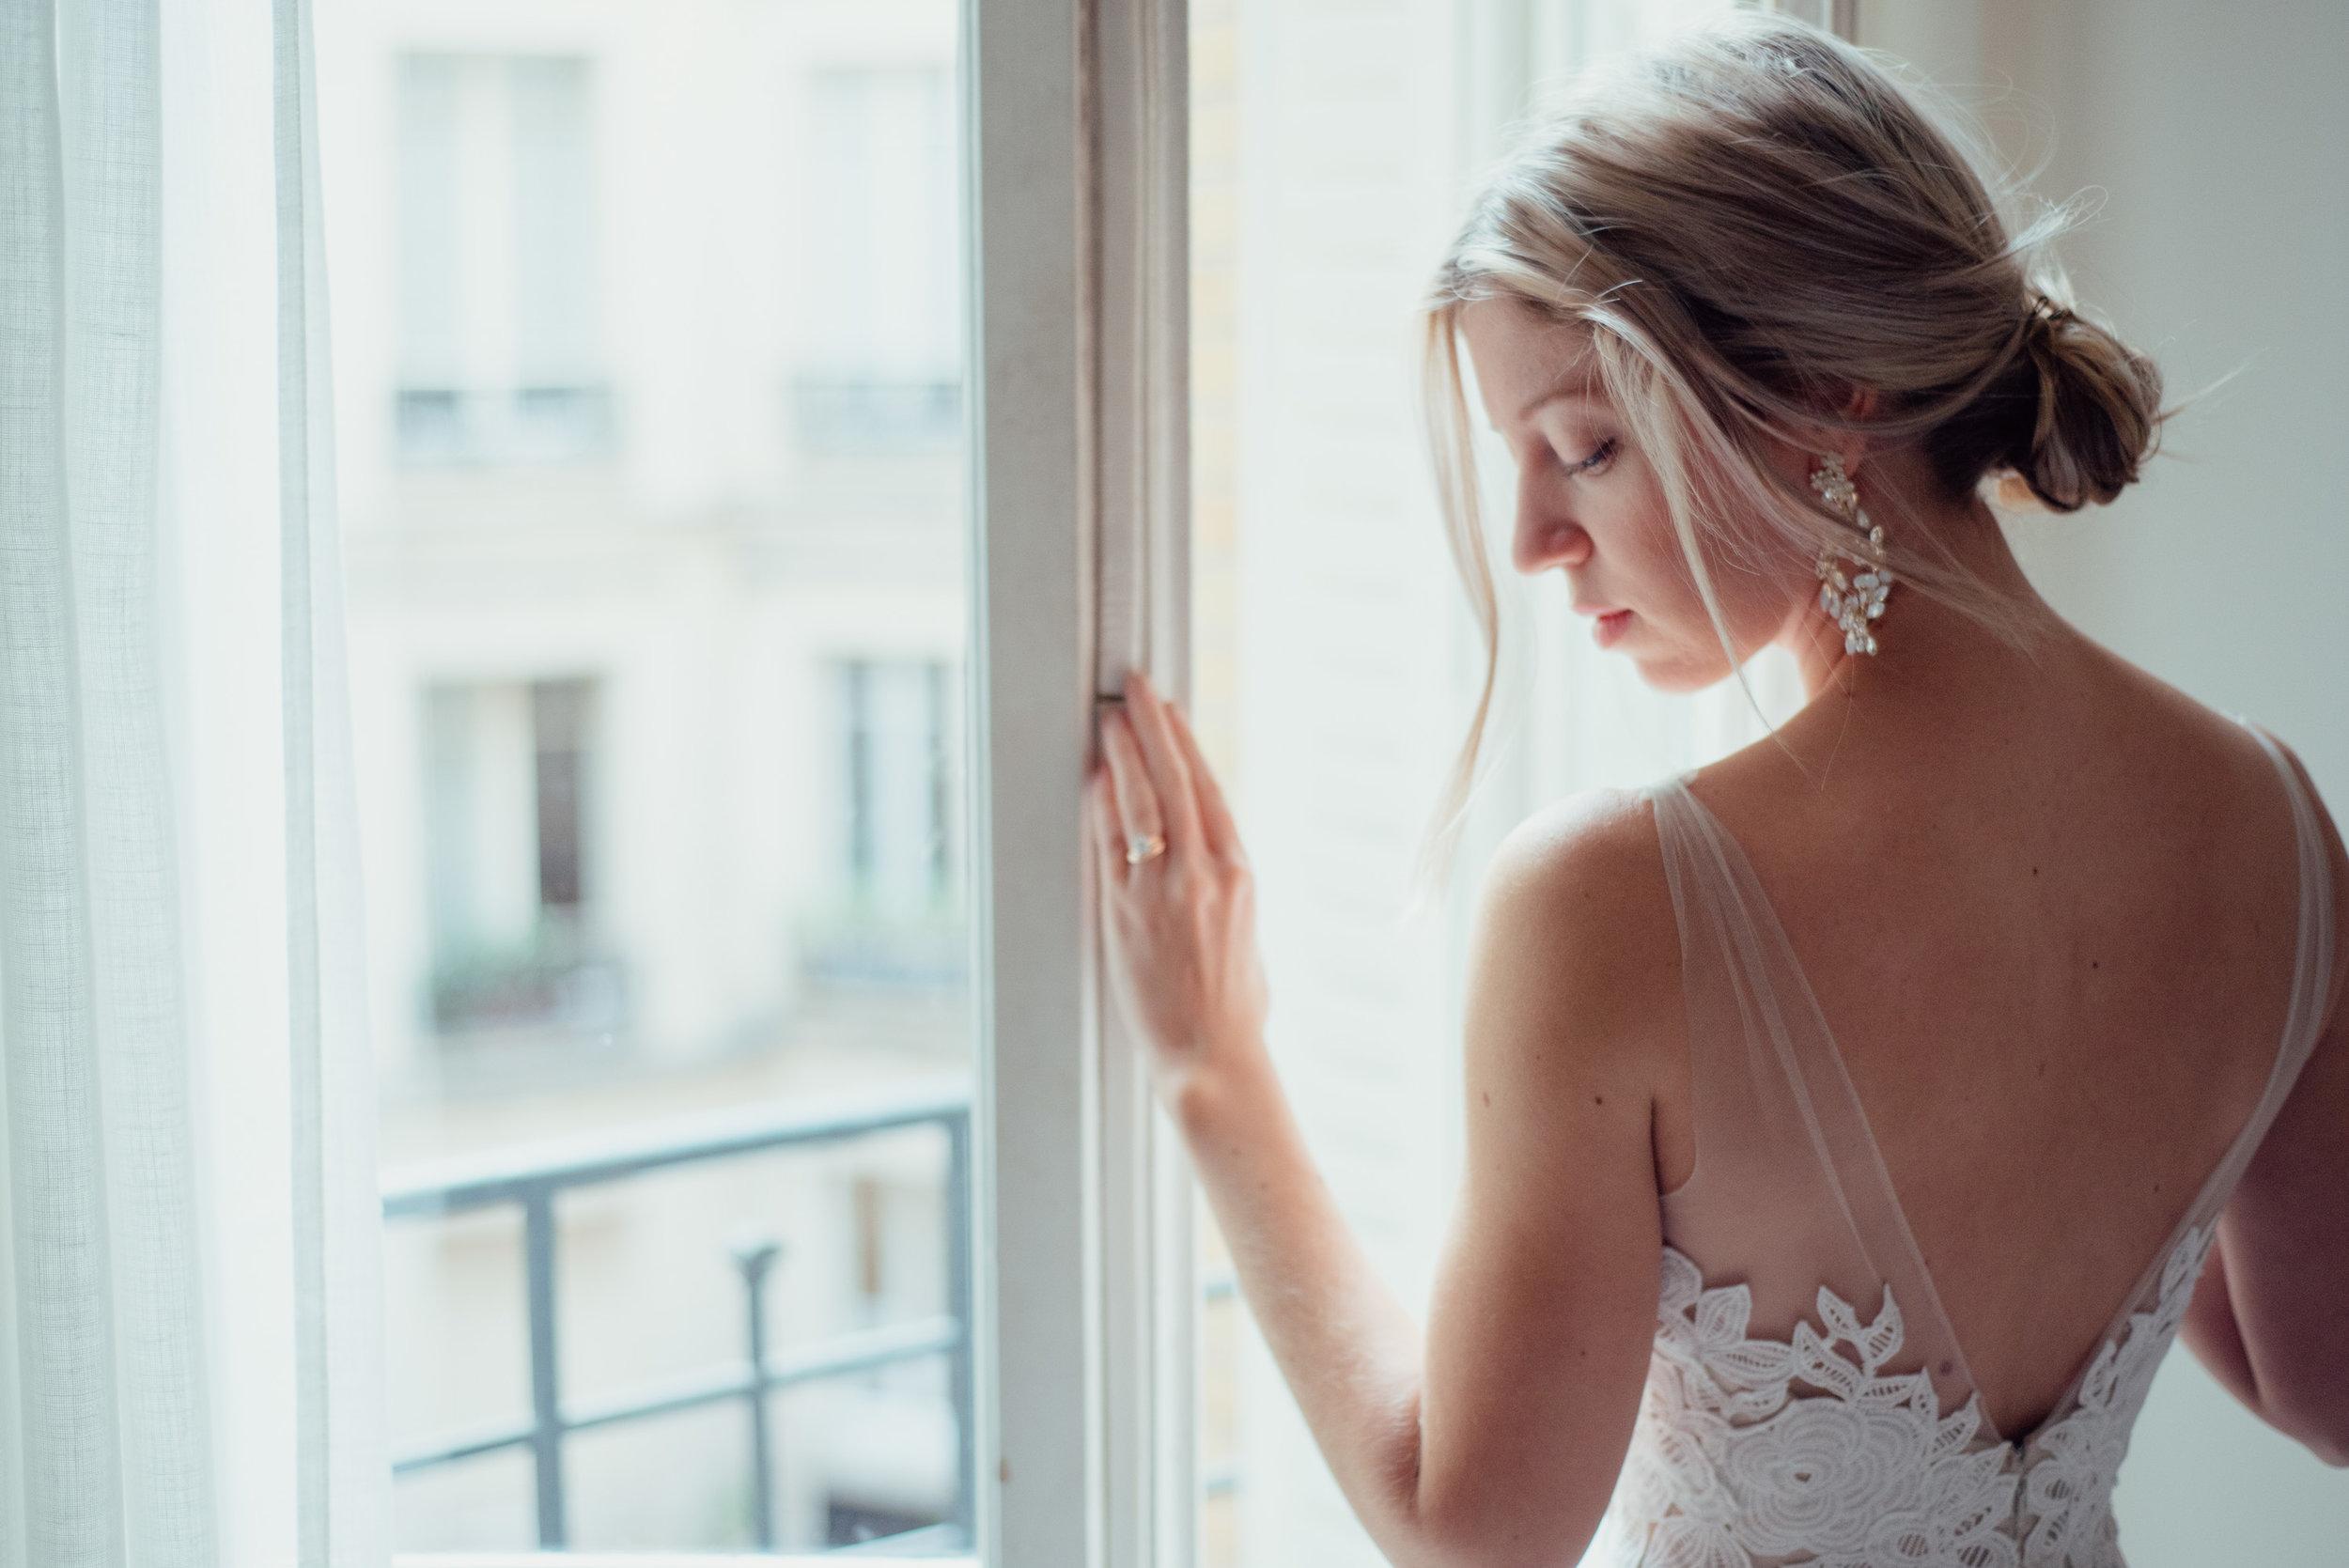 cleland-weddings-paris-2.jpg